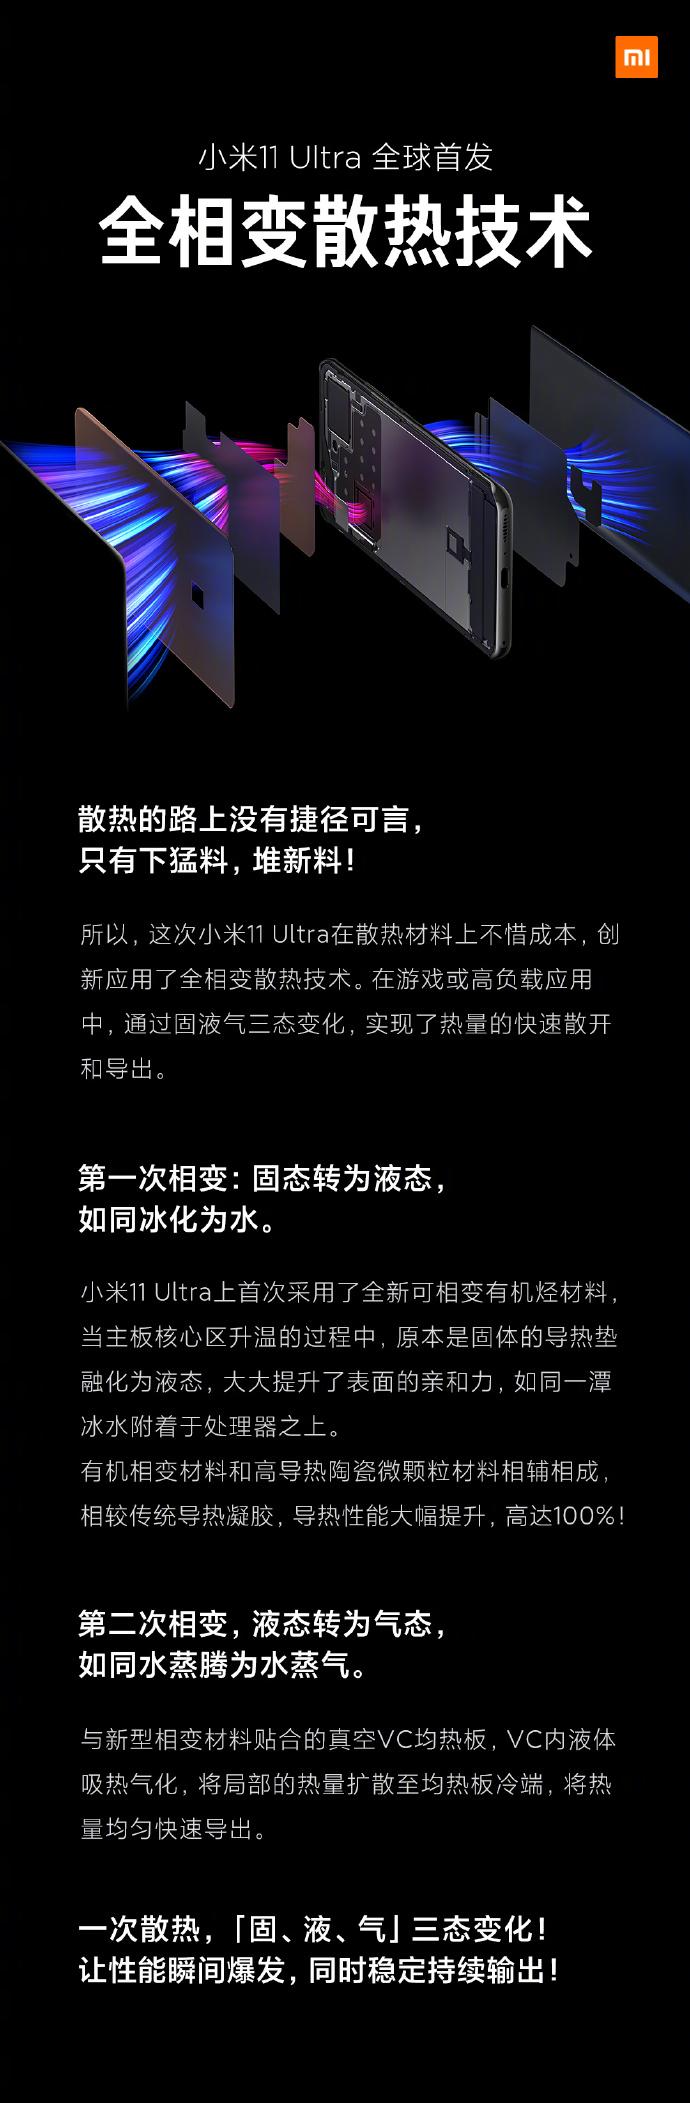 小米再次预热:小米11 Ultra采用全相变散热技术!-玩懂手机网 - 玩懂手机第一手的手机资讯网(www.wdshouji.com)